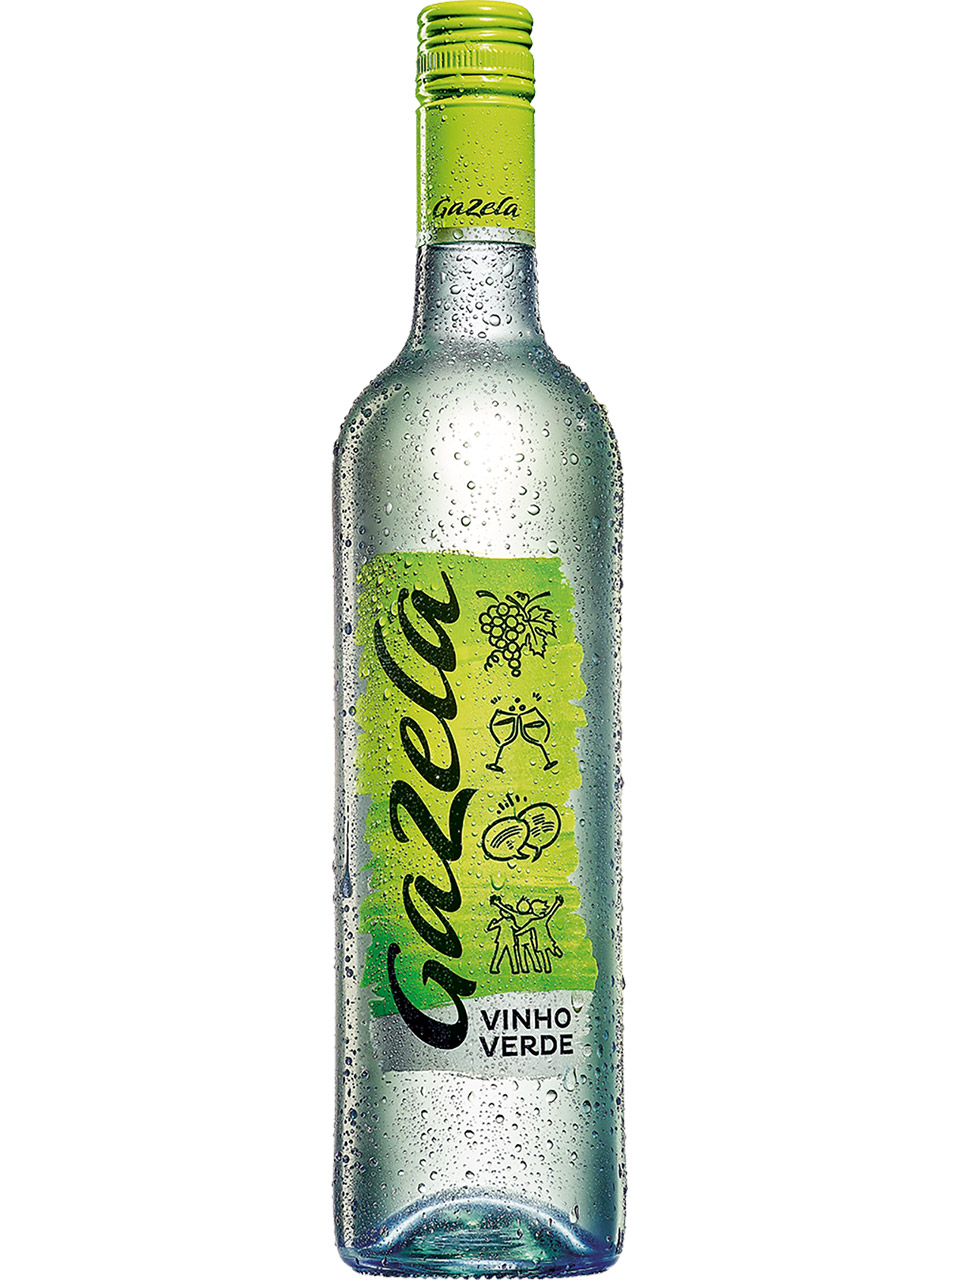 Sogrape Gazela Vinho Verde